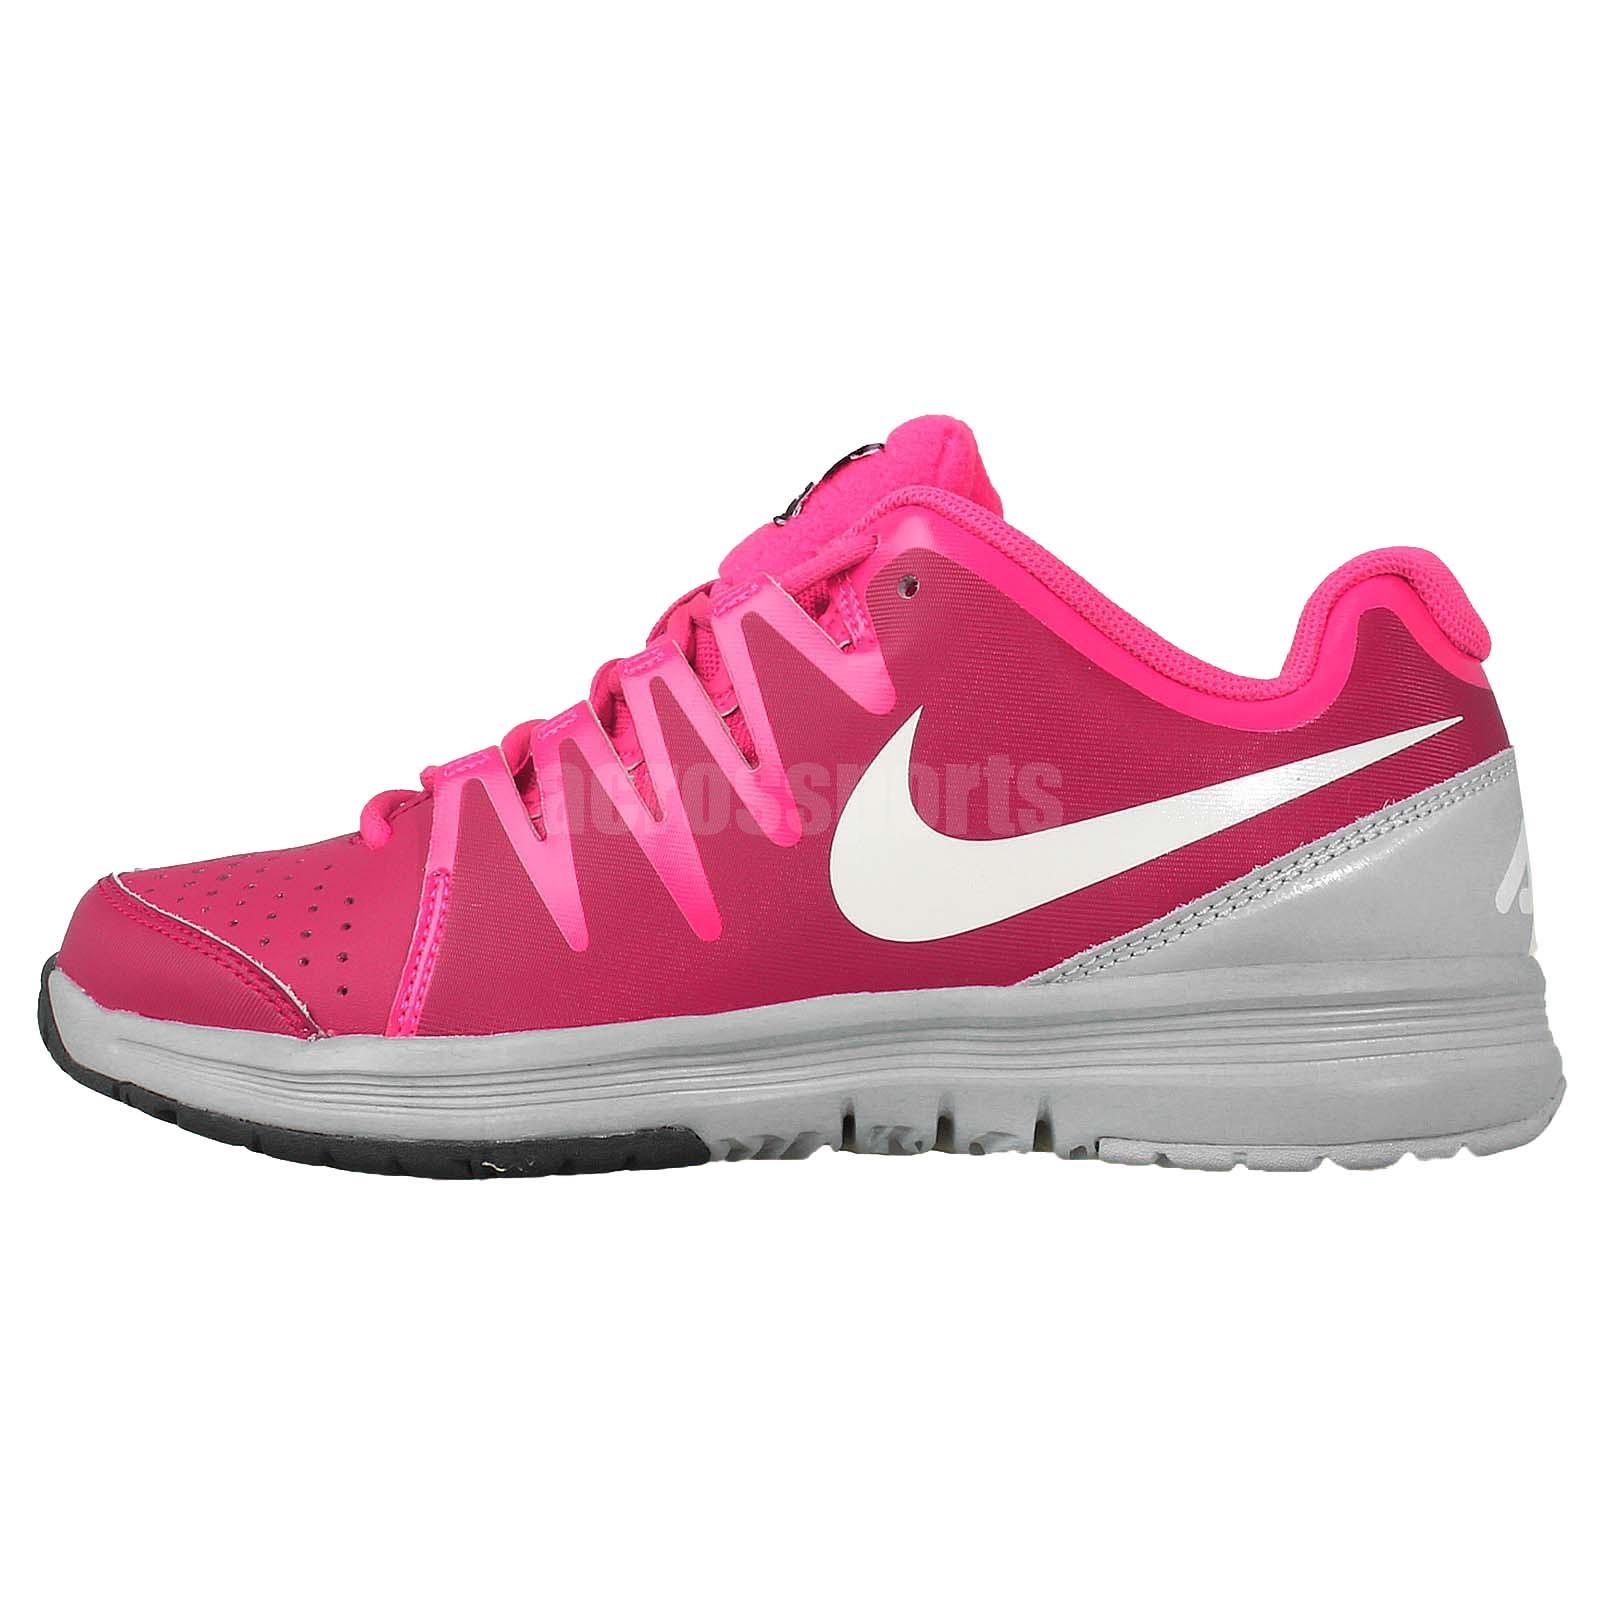 nike wmns air vapor court pink purple 2014 womens tennis